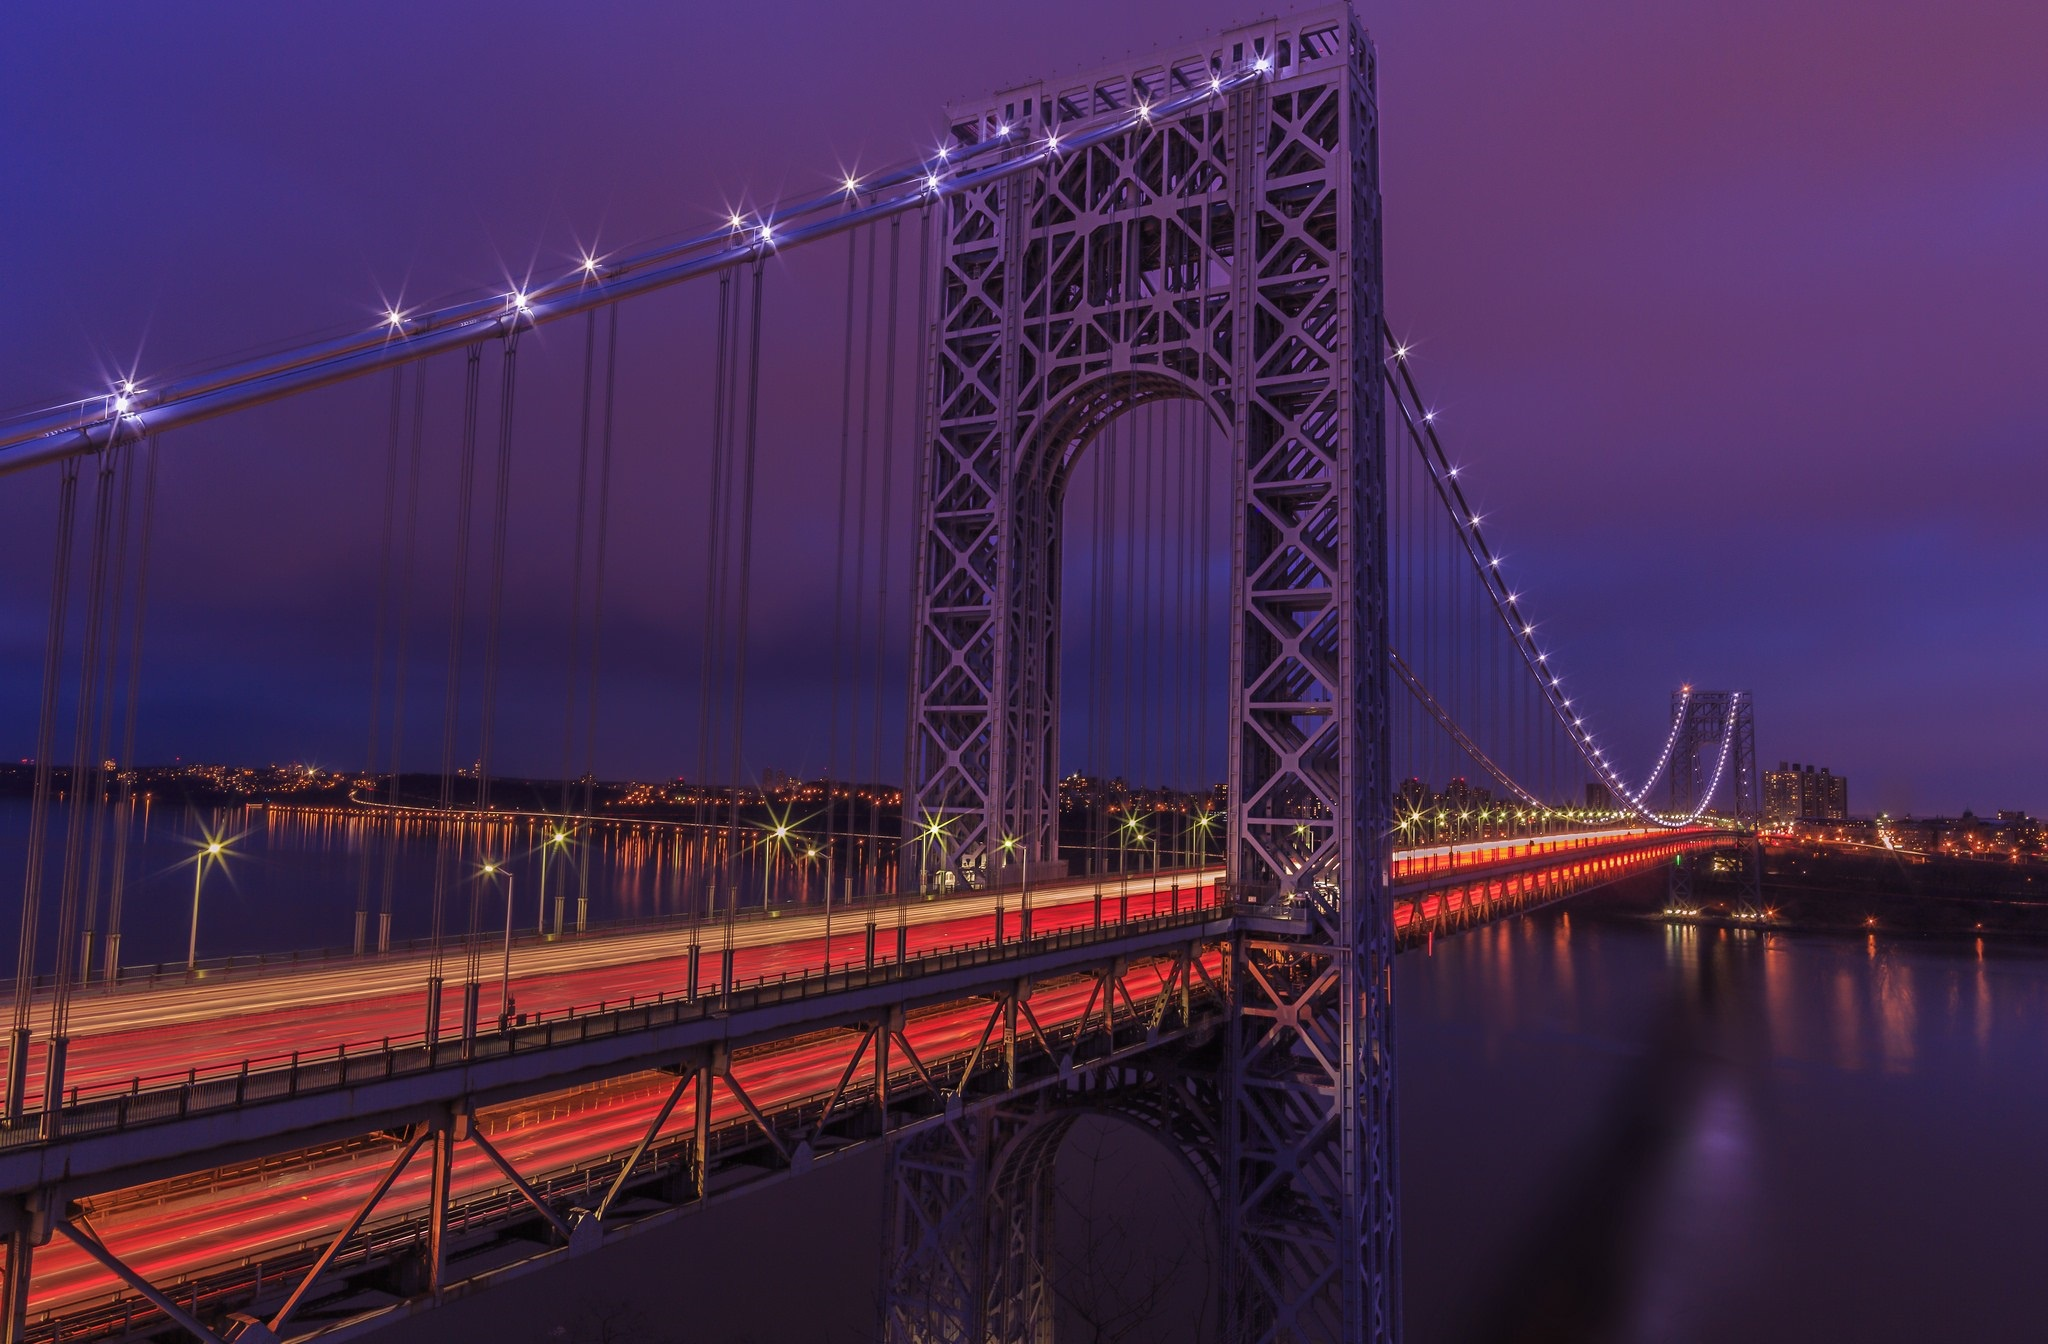 Картинка ночной мост